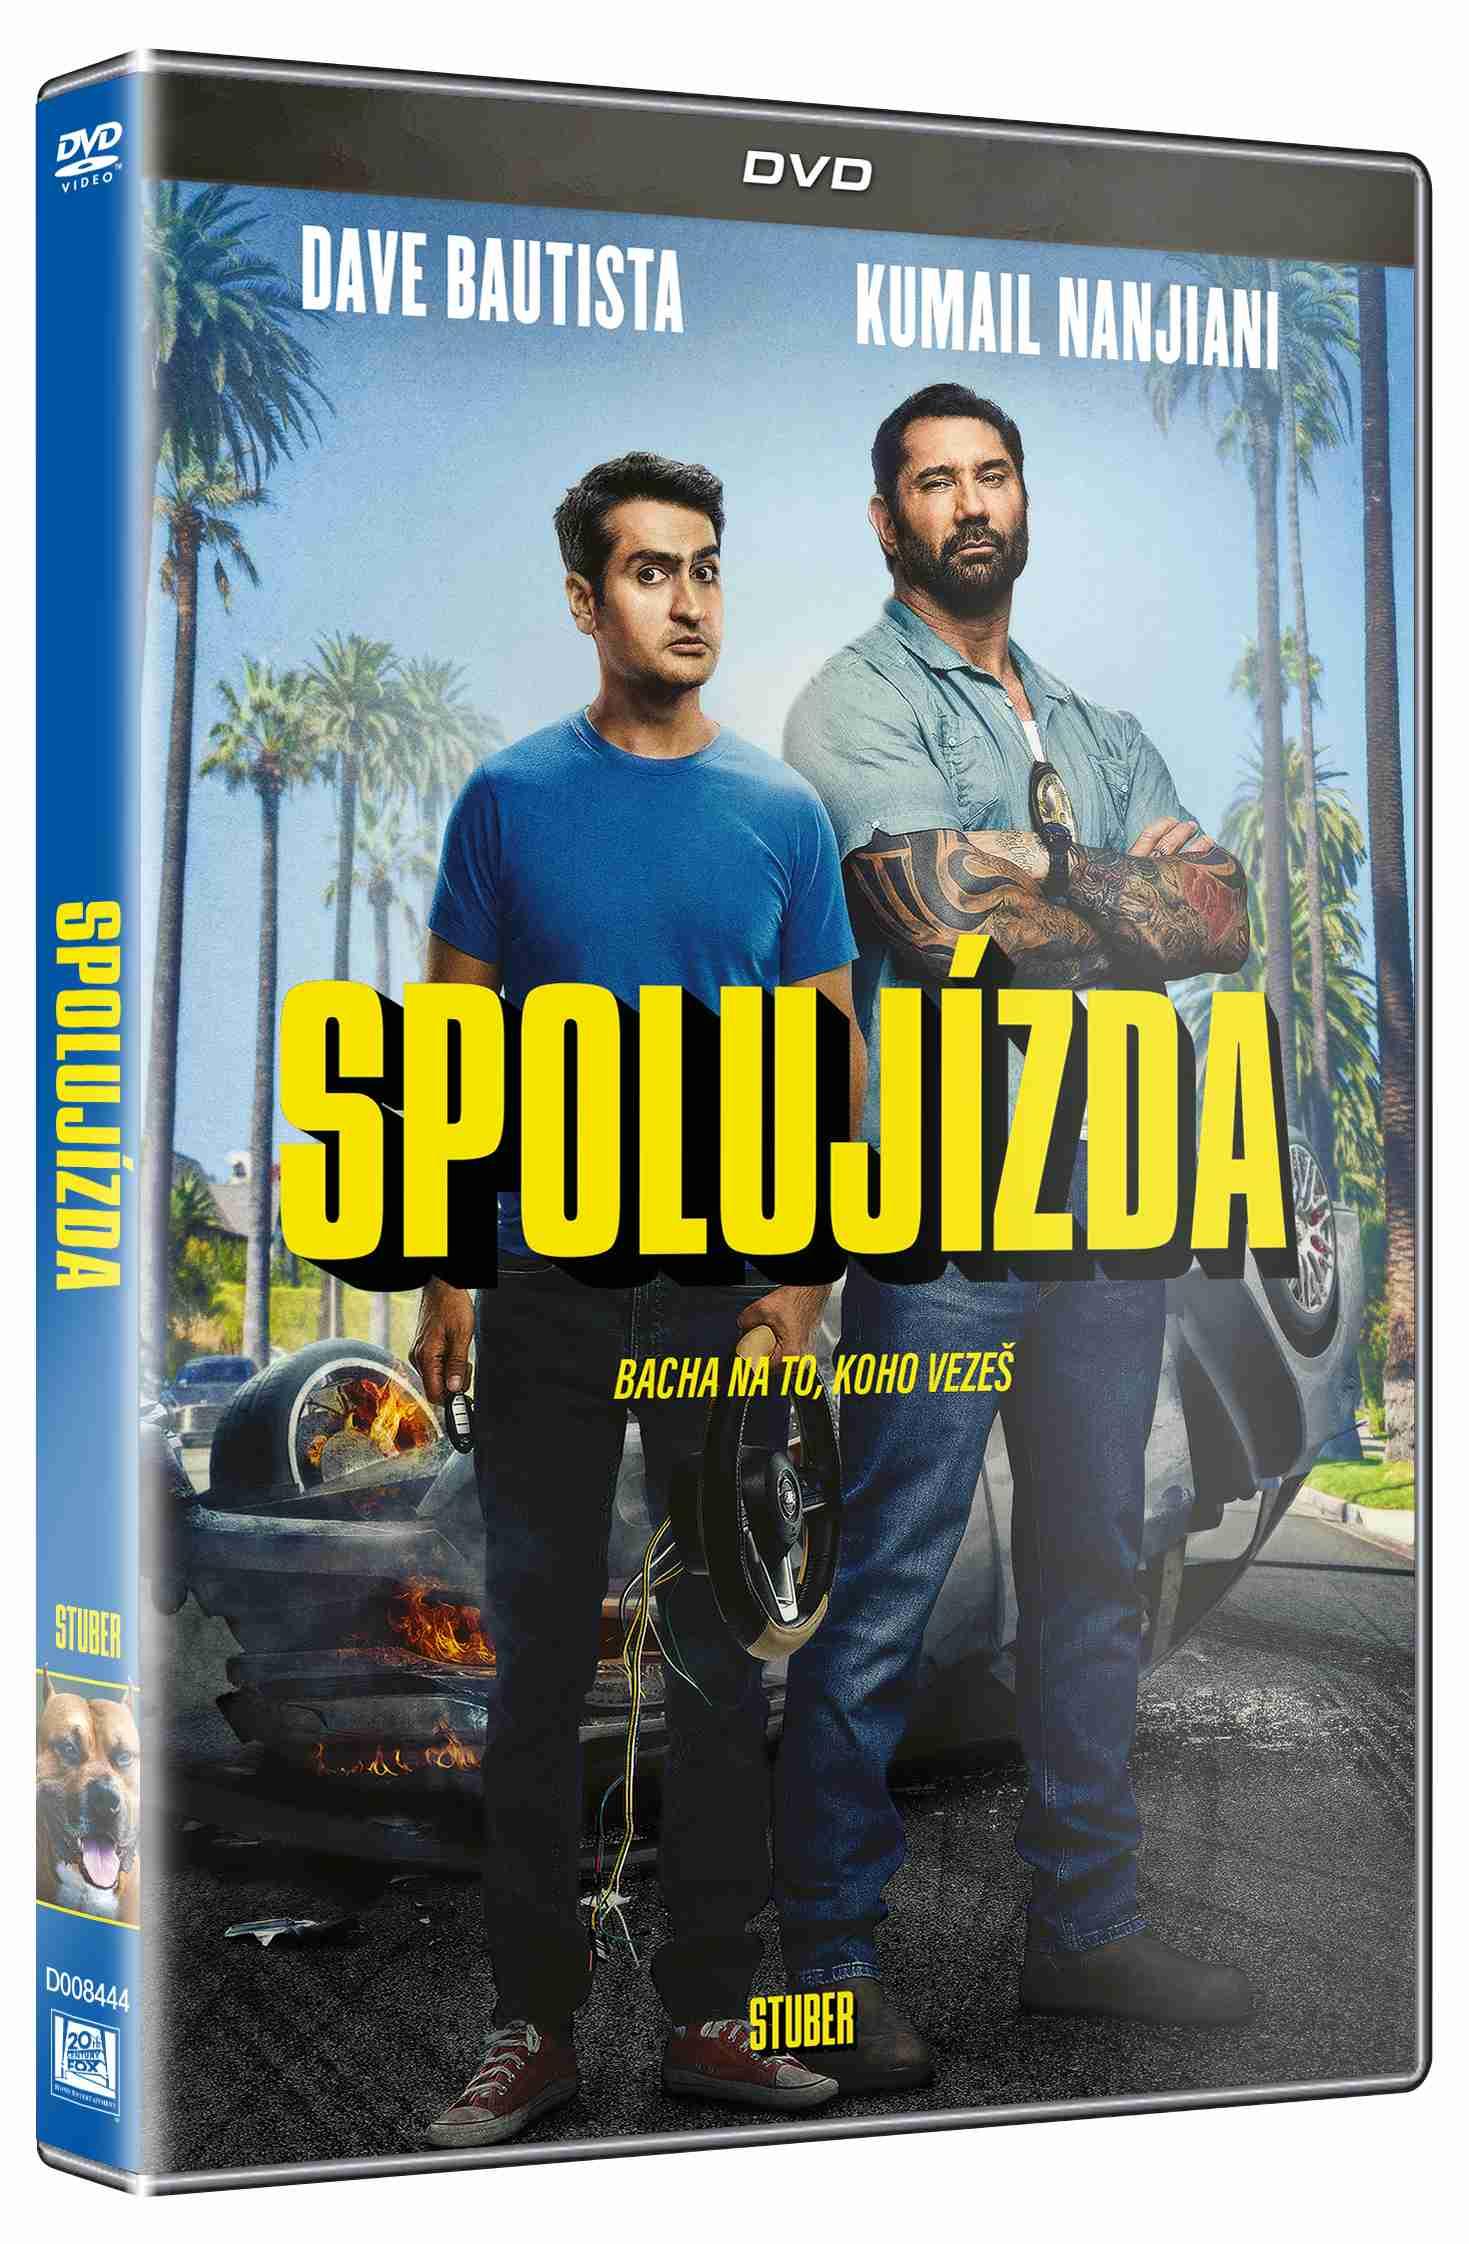 Spolujízda - DVD